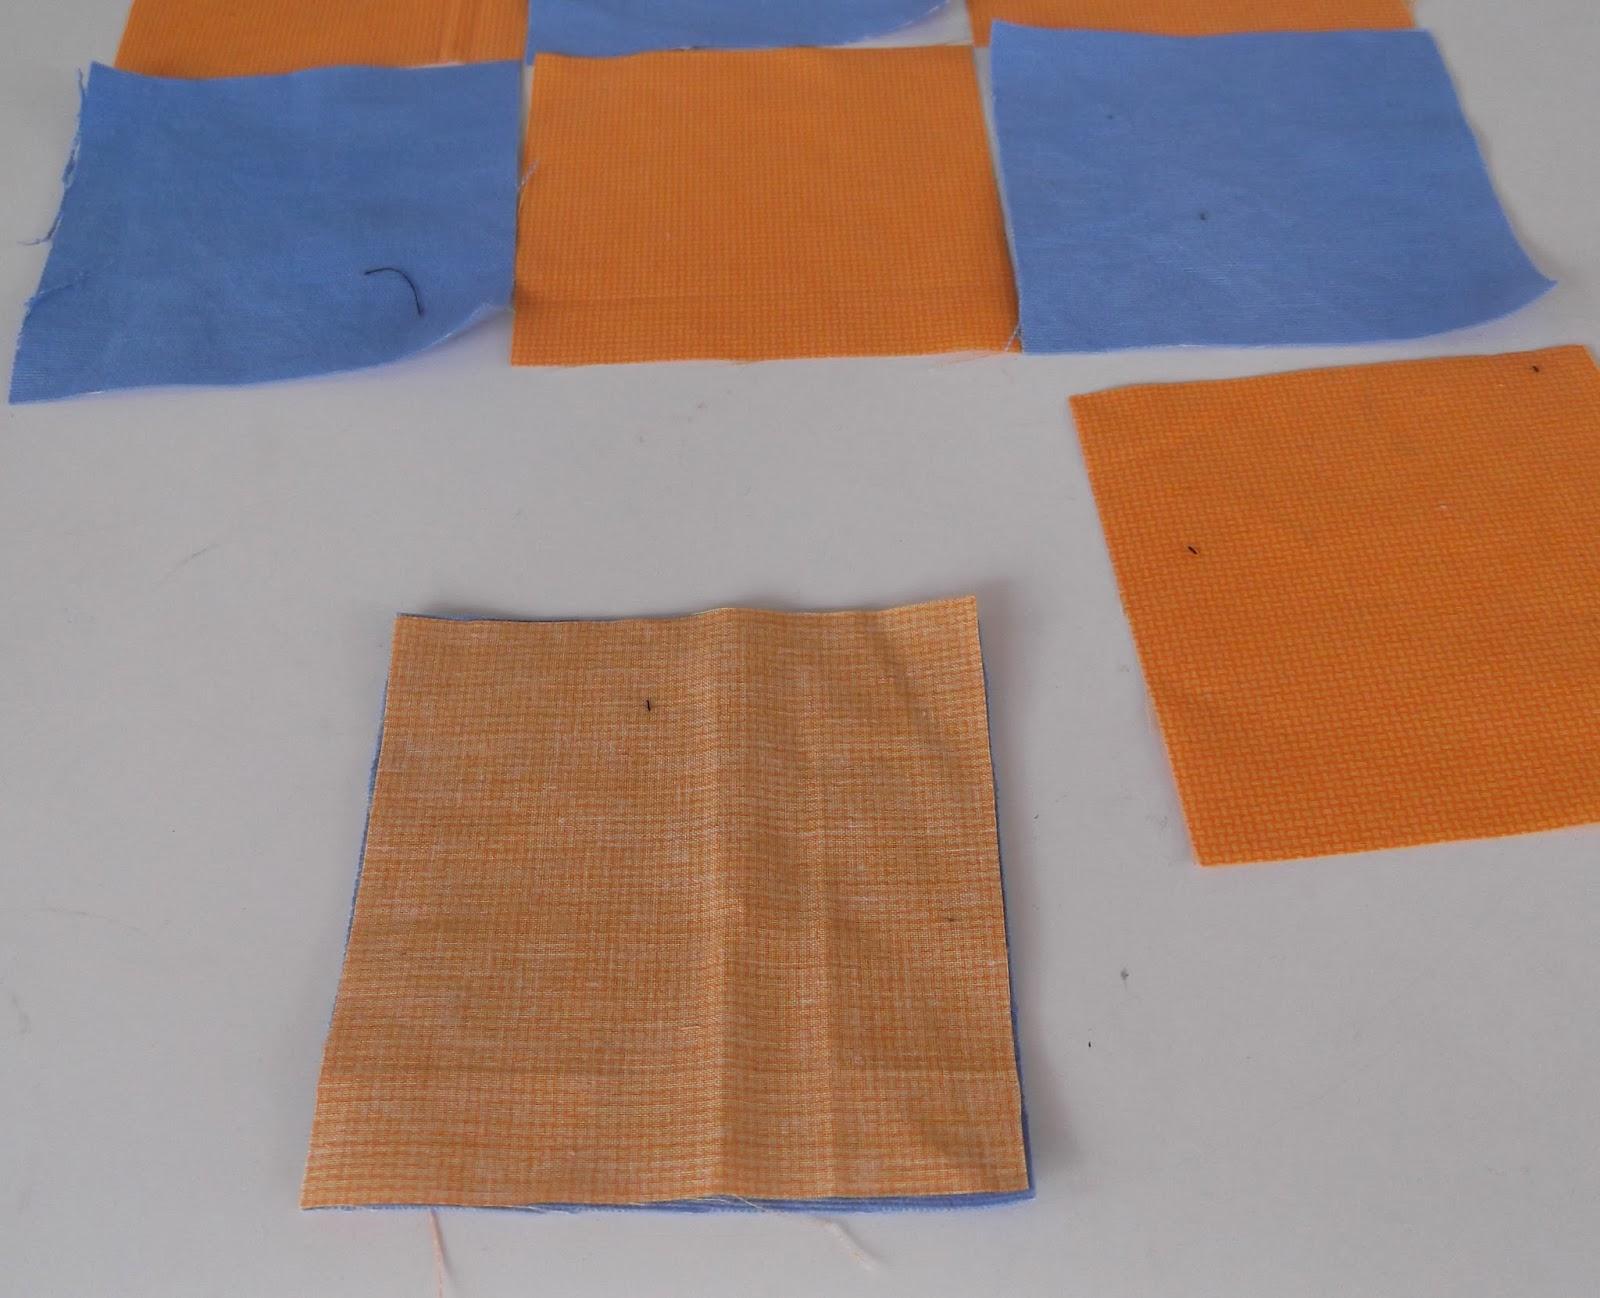 patchwork pattern, patchwork designs